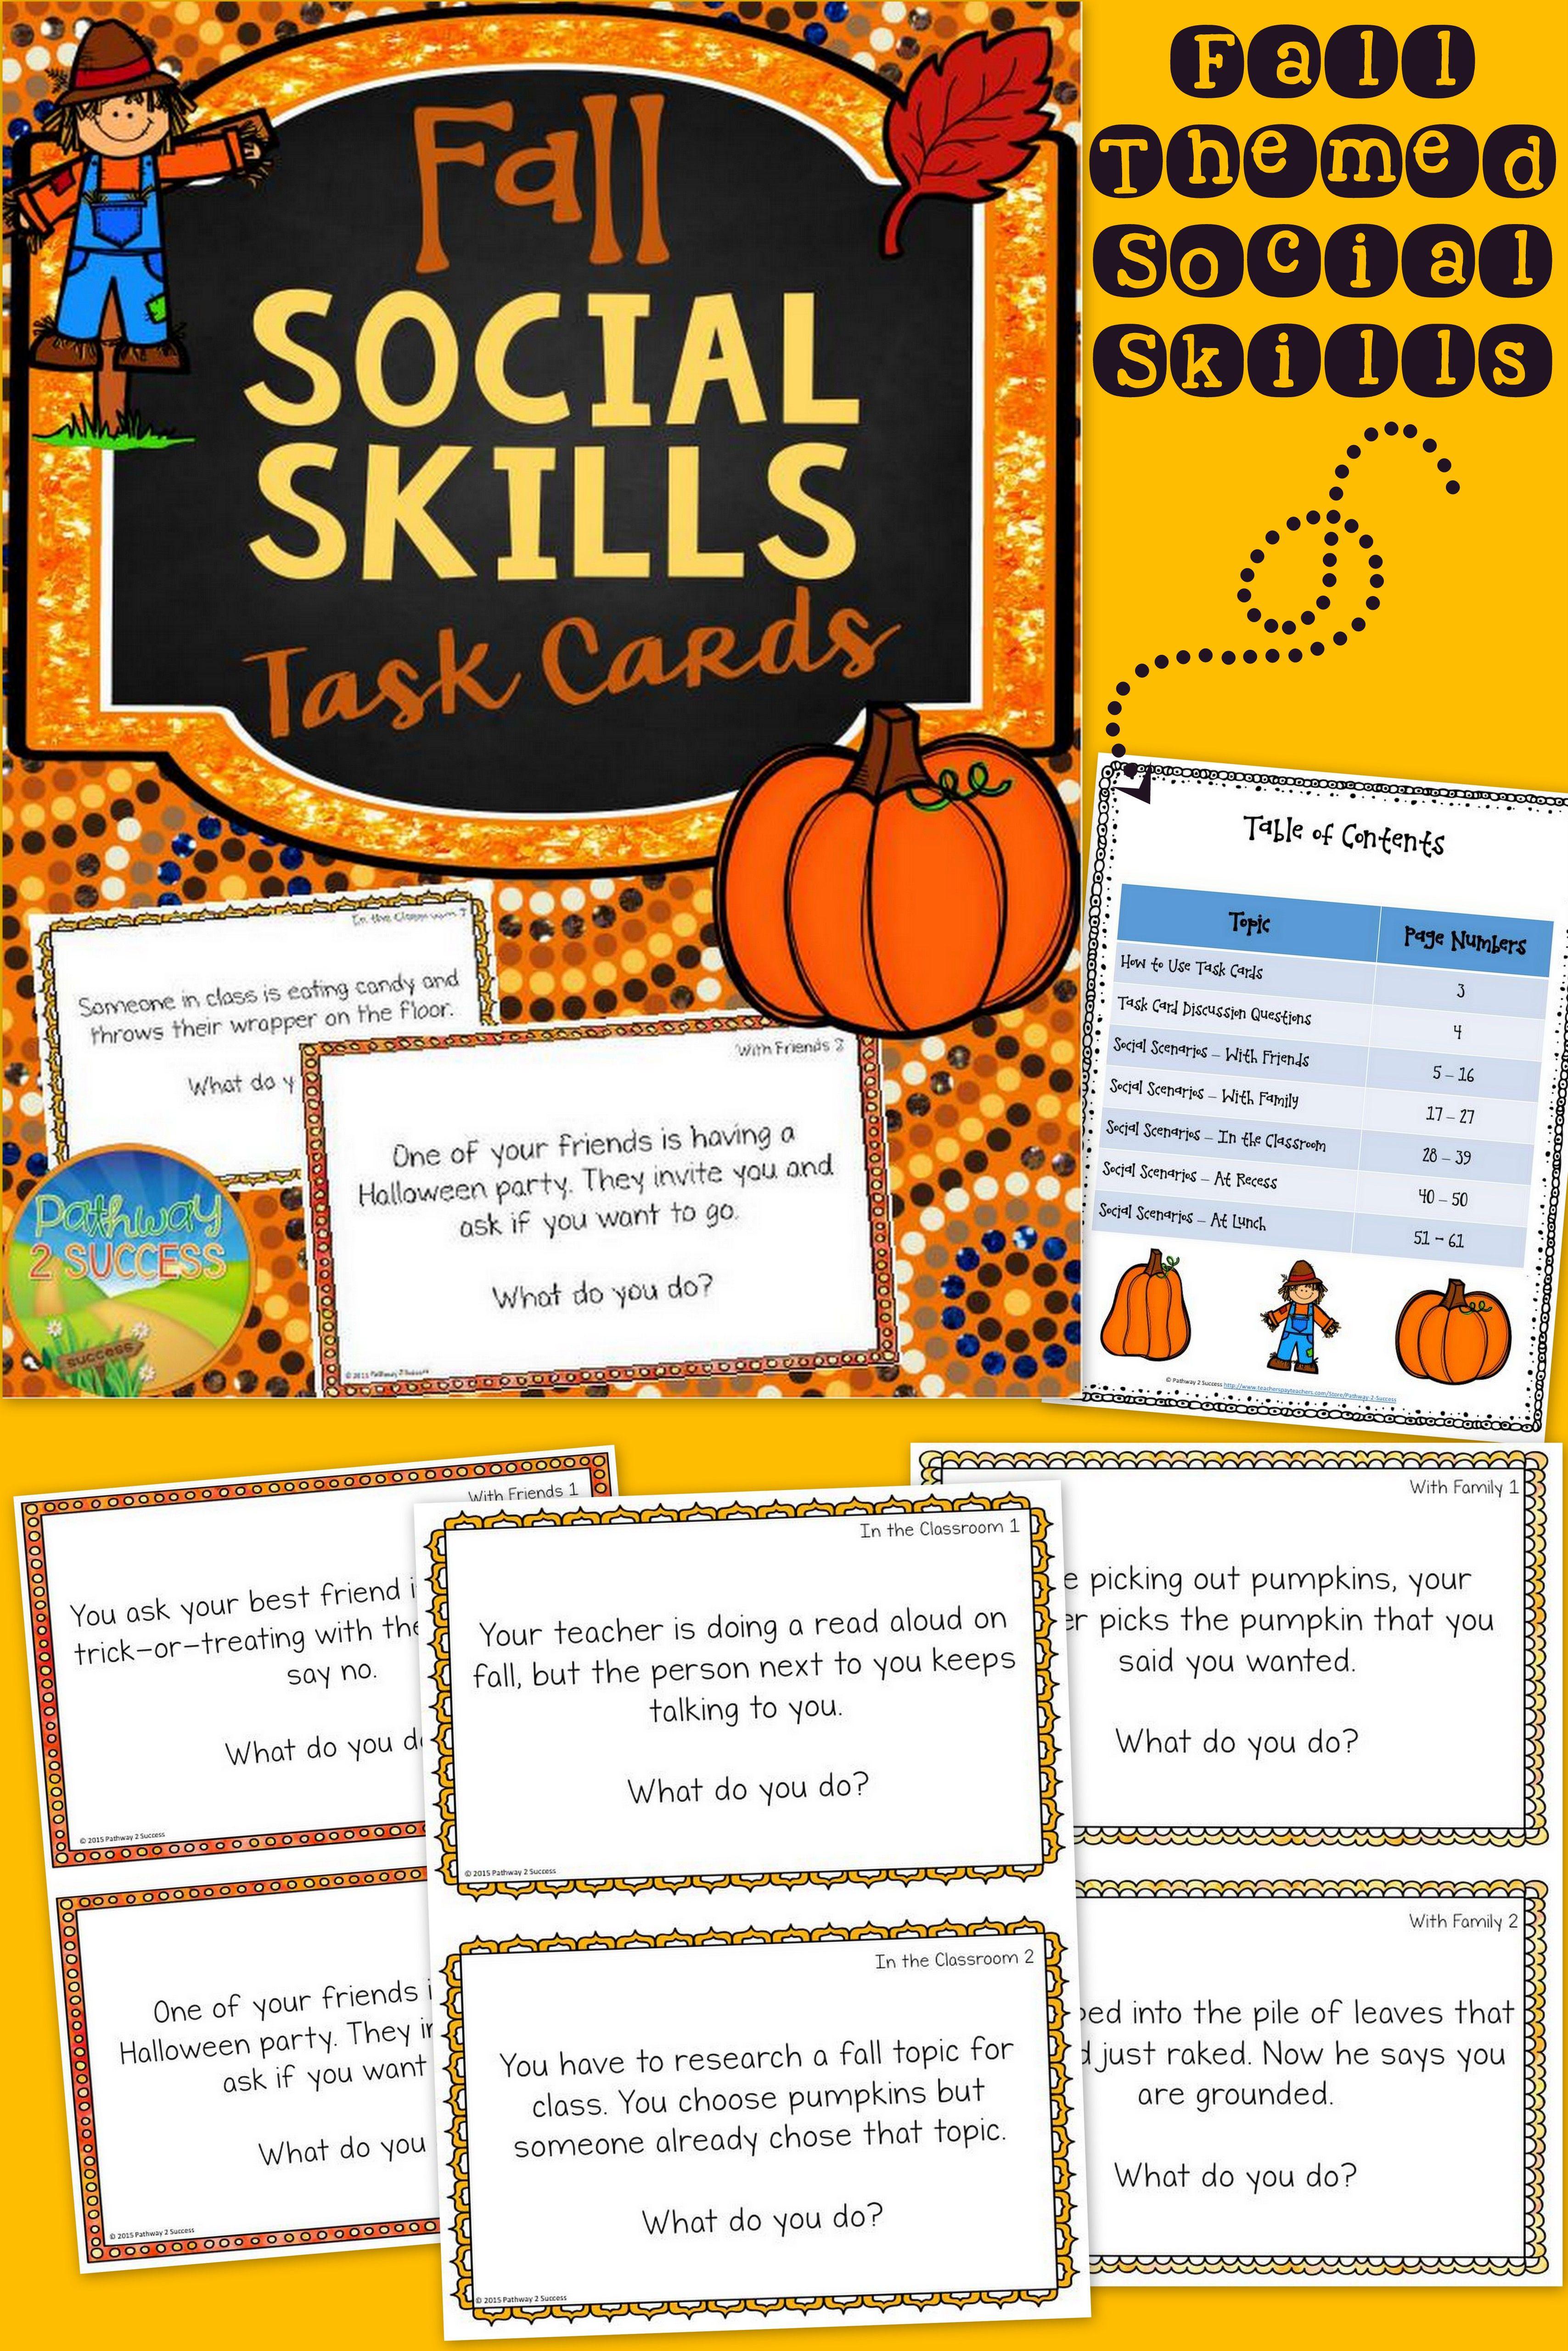 Fall Social Skills Task Cards